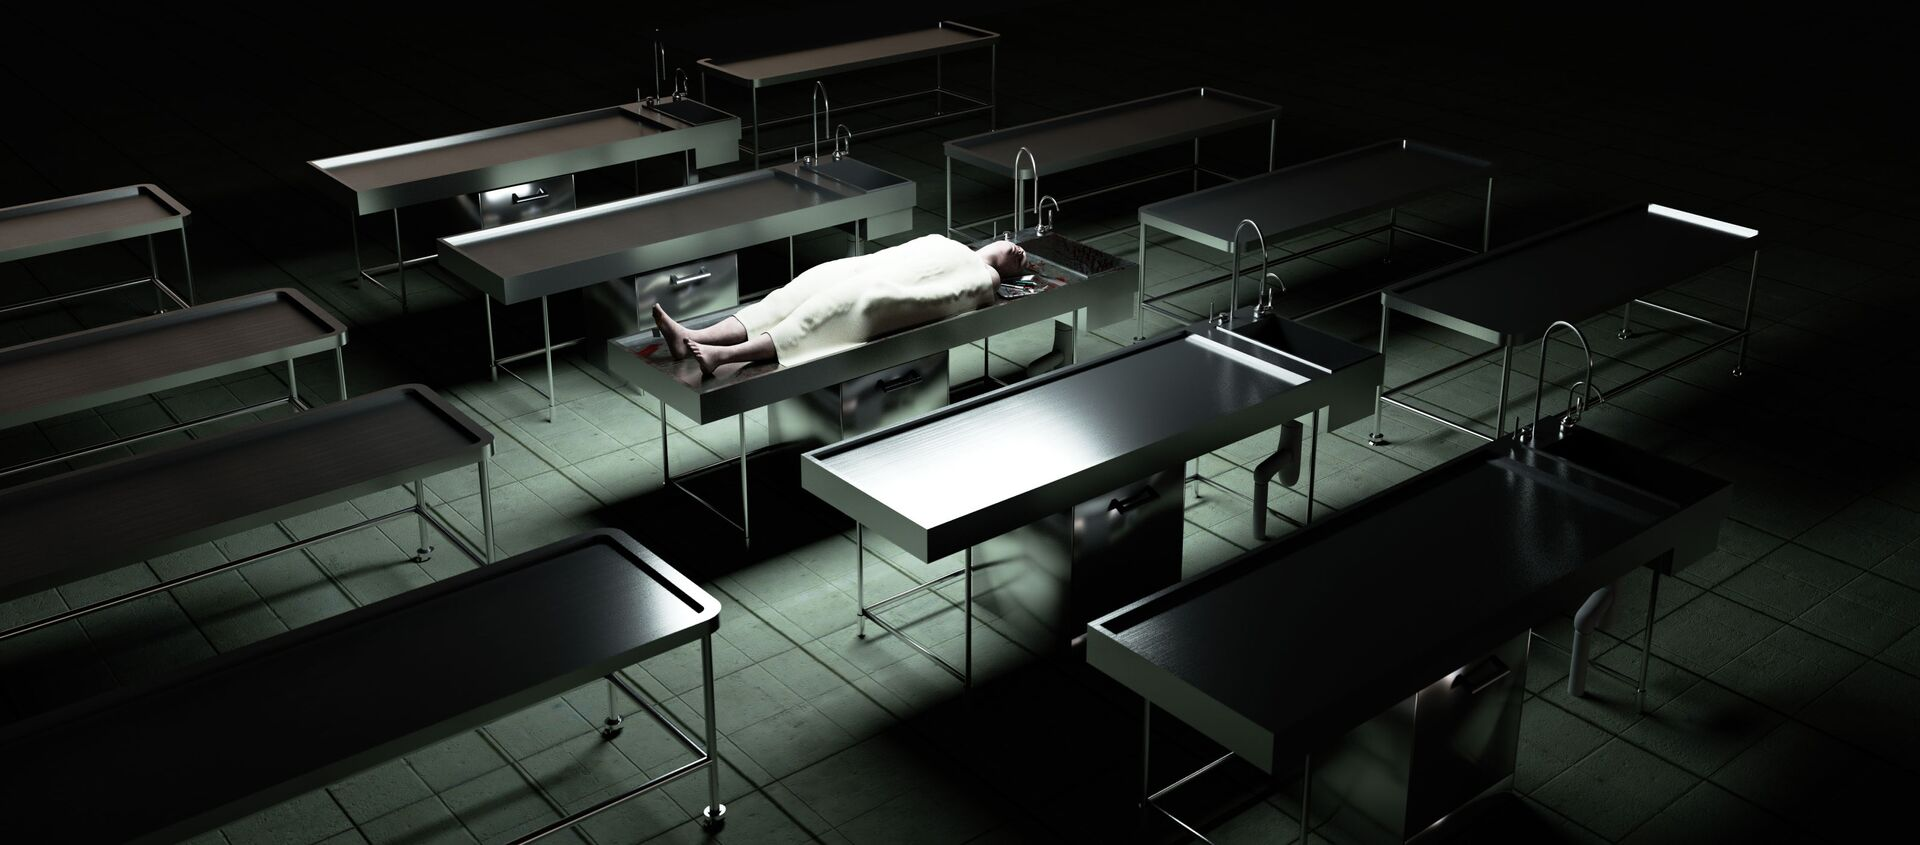 Thi thể của một người đàn ông trên bàn trong nhà xác - Sputnik Việt Nam, 1920, 29.11.2020